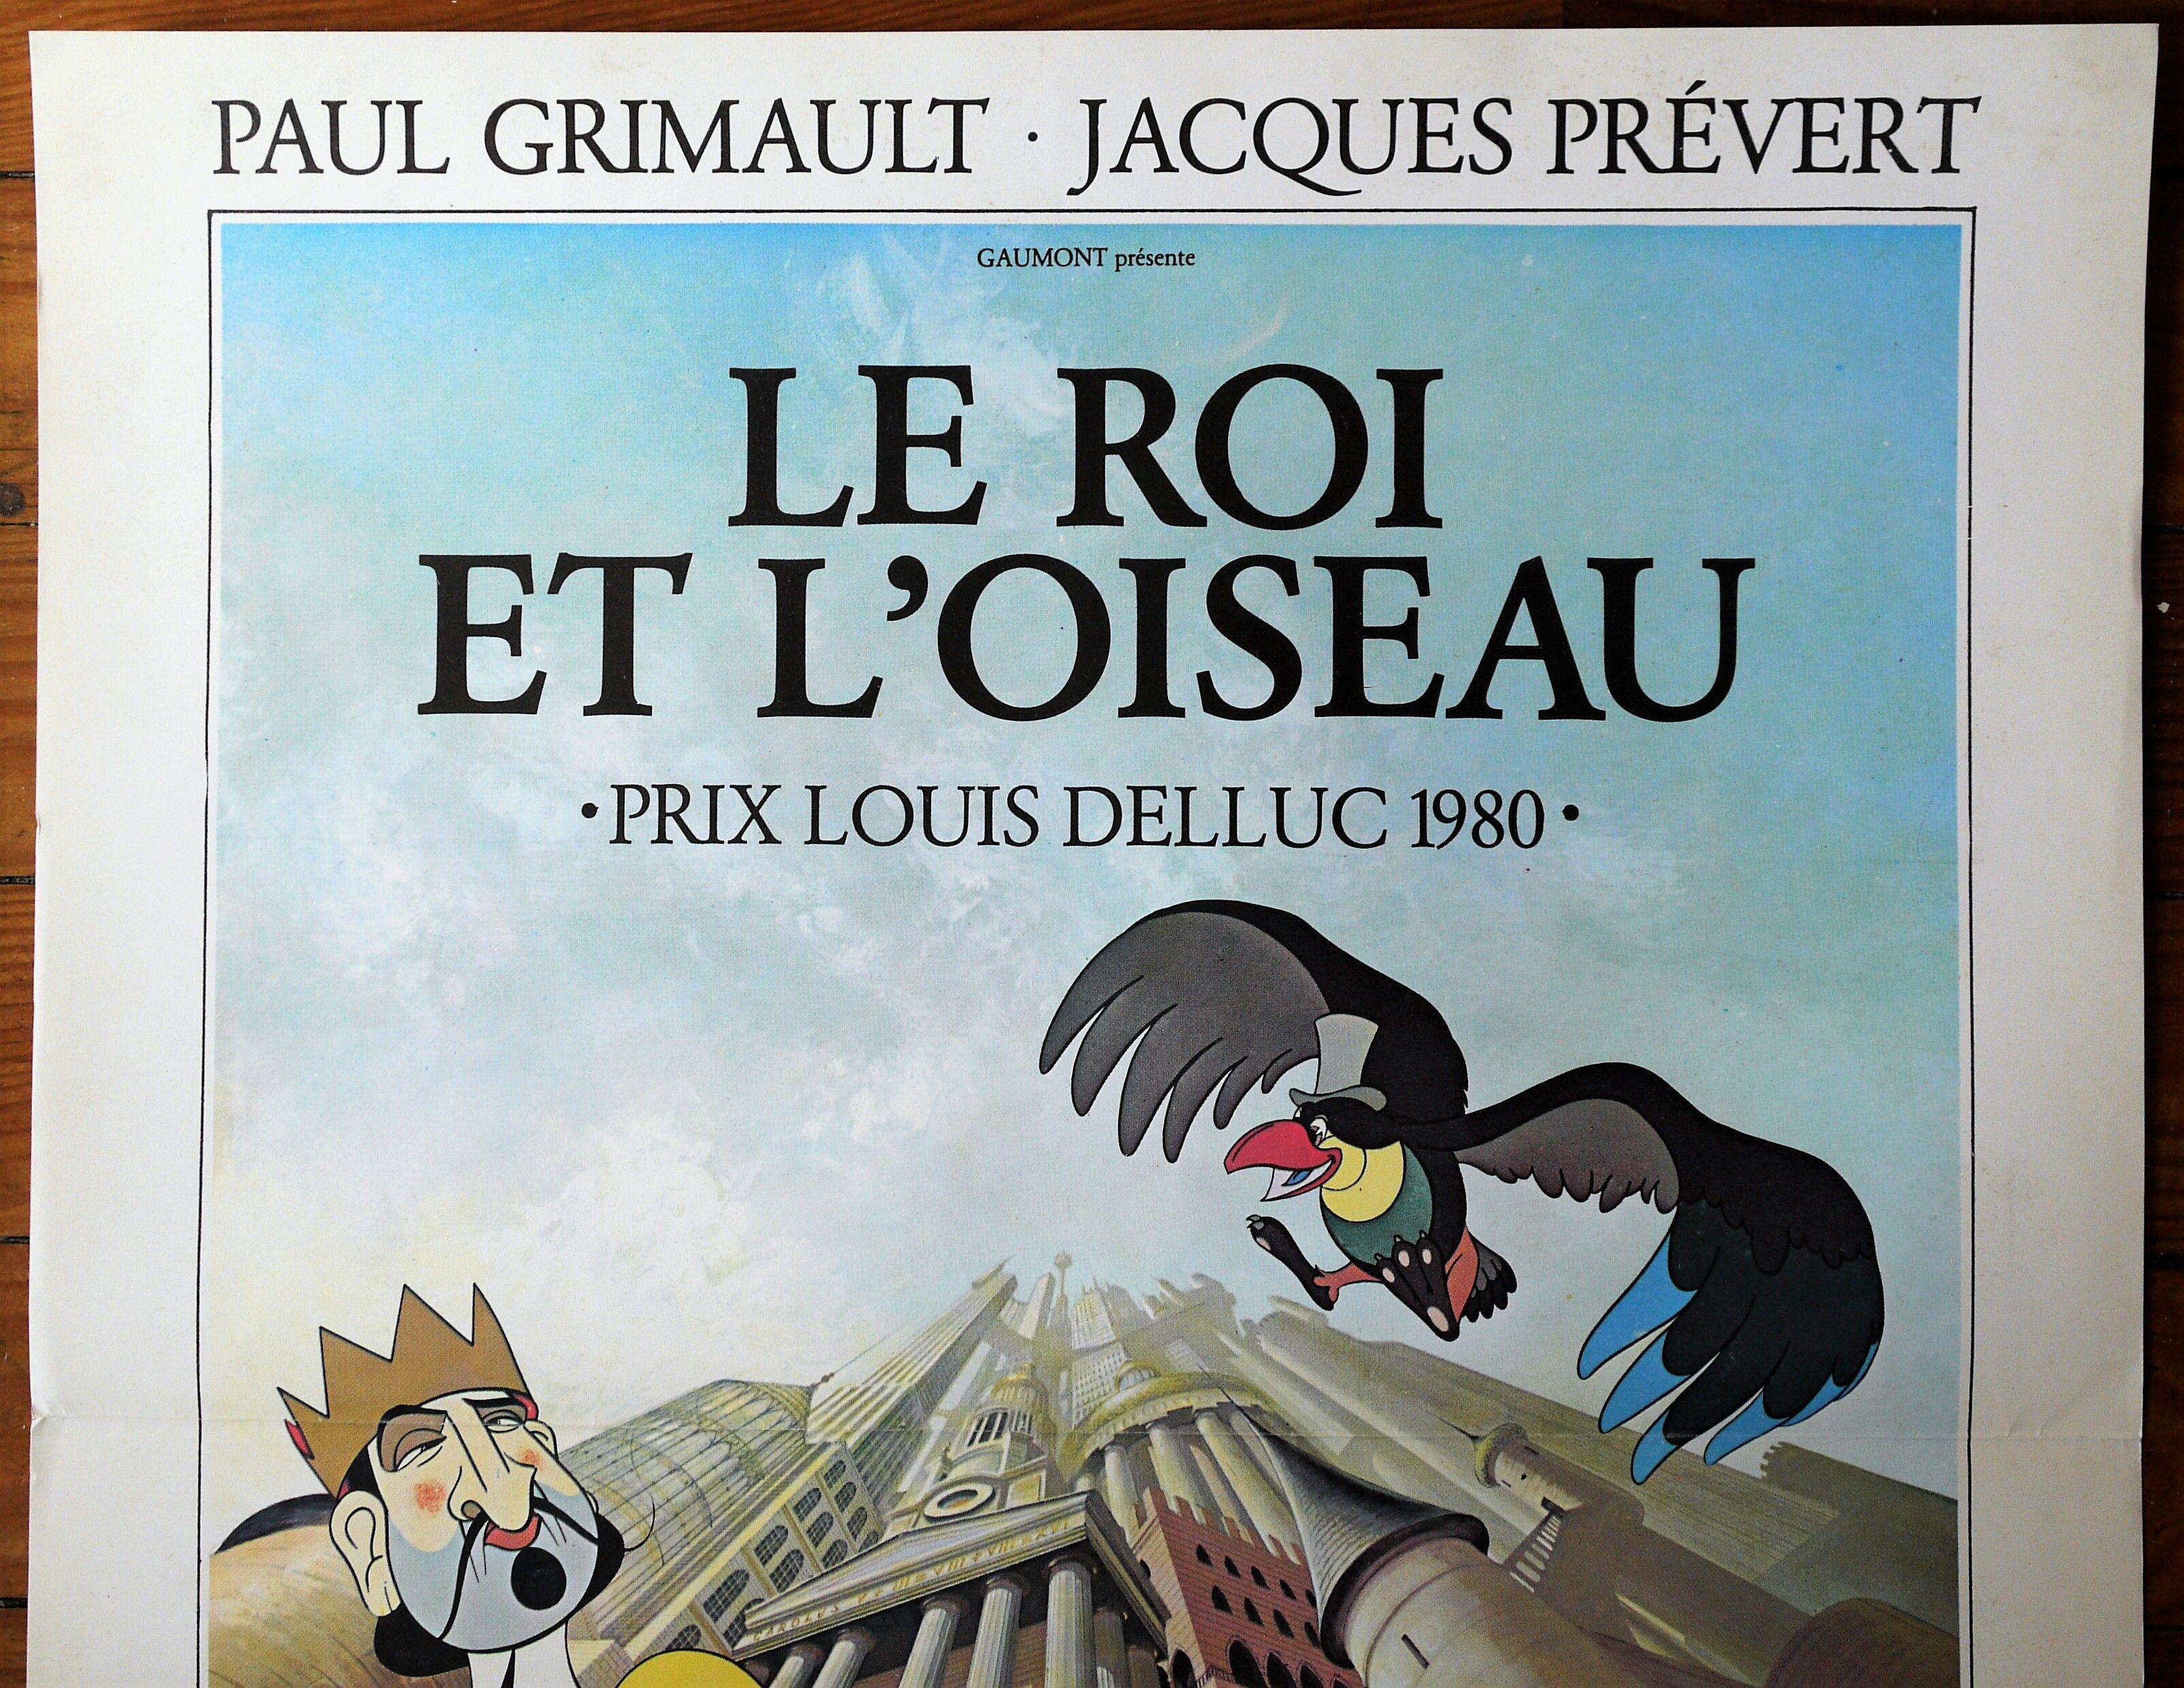 Le roi et l/'oiseau Jacques Prevert movie poster print